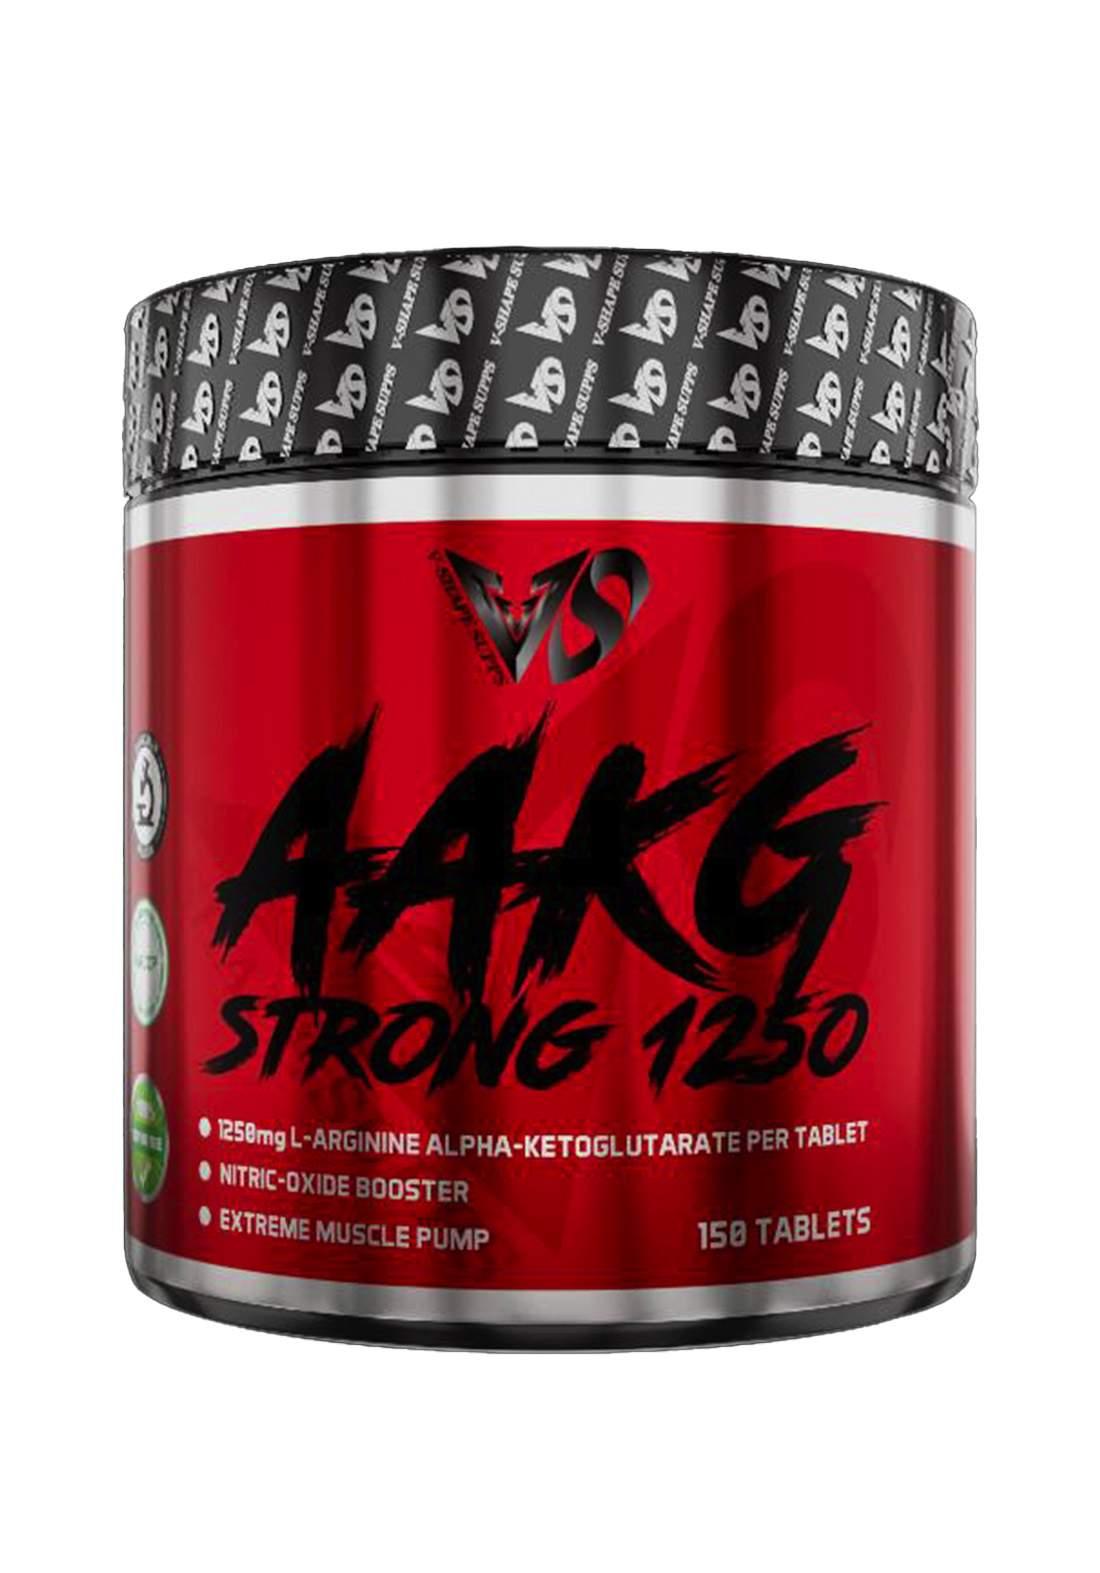 V-Shape Supplement Aakg Strong 1250 مكمل غذائي